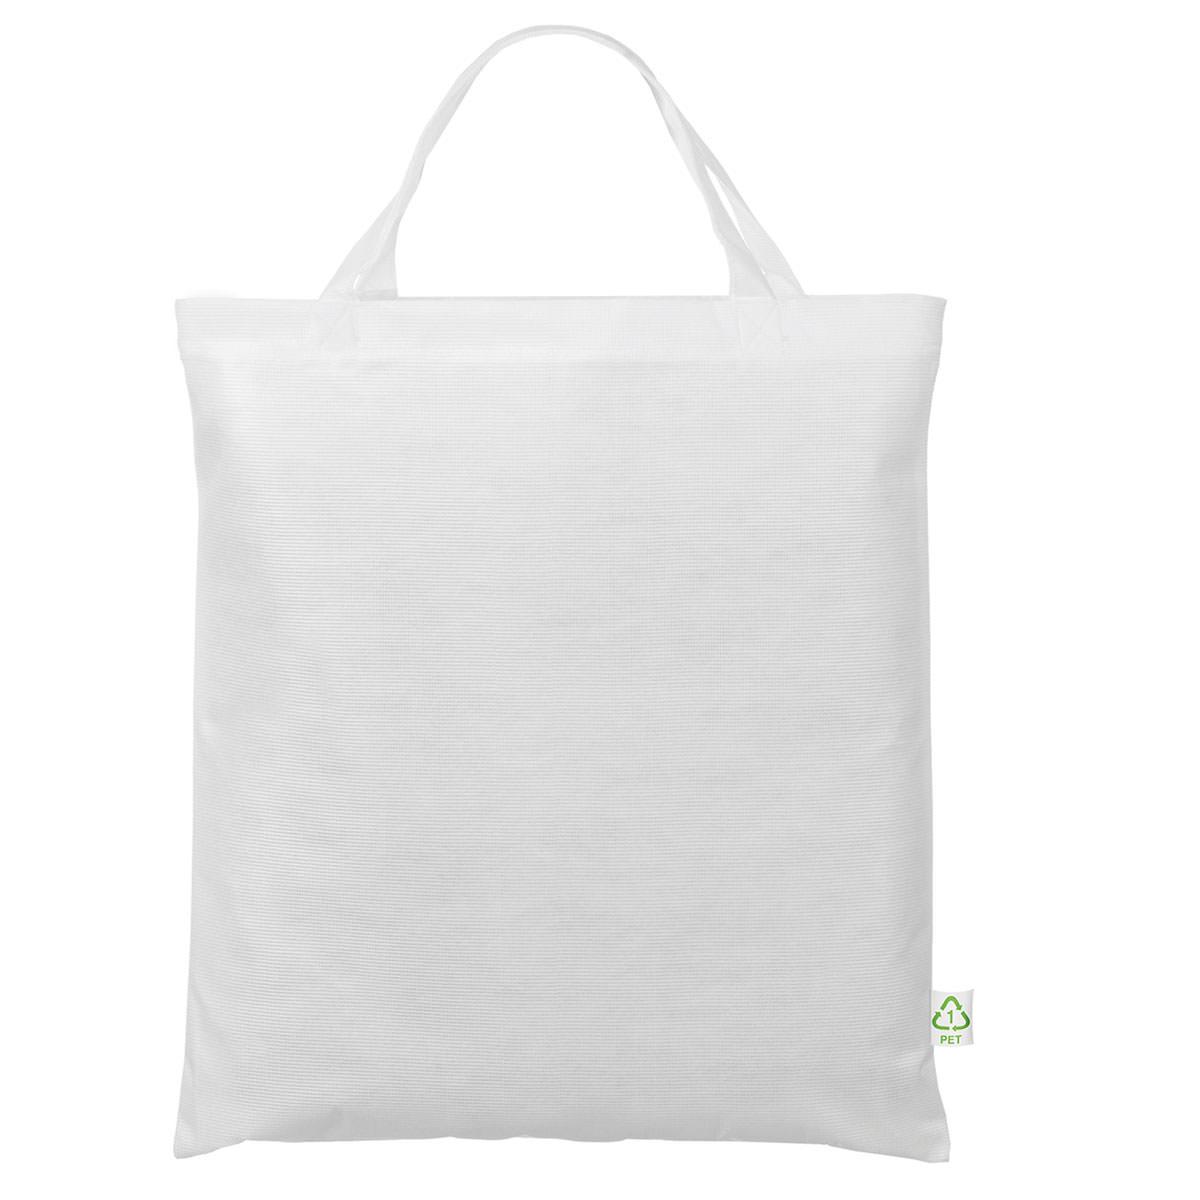 Recycling-Tasche mit zwei kurzen Henkeln